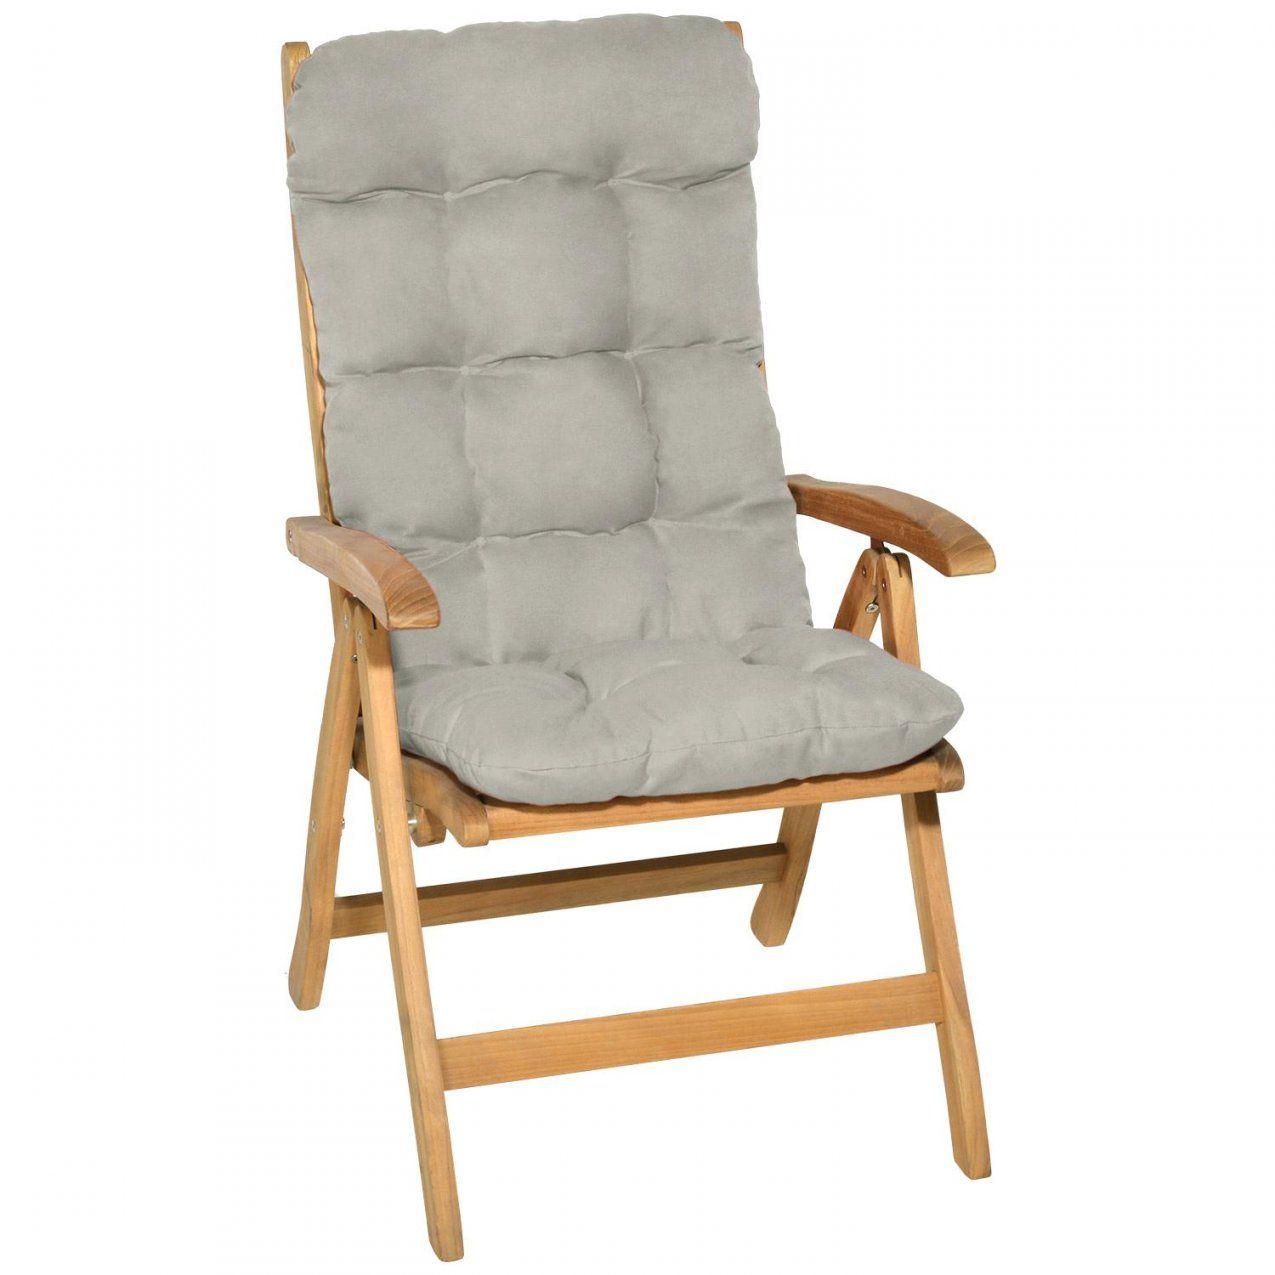 kettler tiffany auflagen gartenstuhlauflagen kettler gartenstuhlauflagen sport. Black Bedroom Furniture Sets. Home Design Ideas